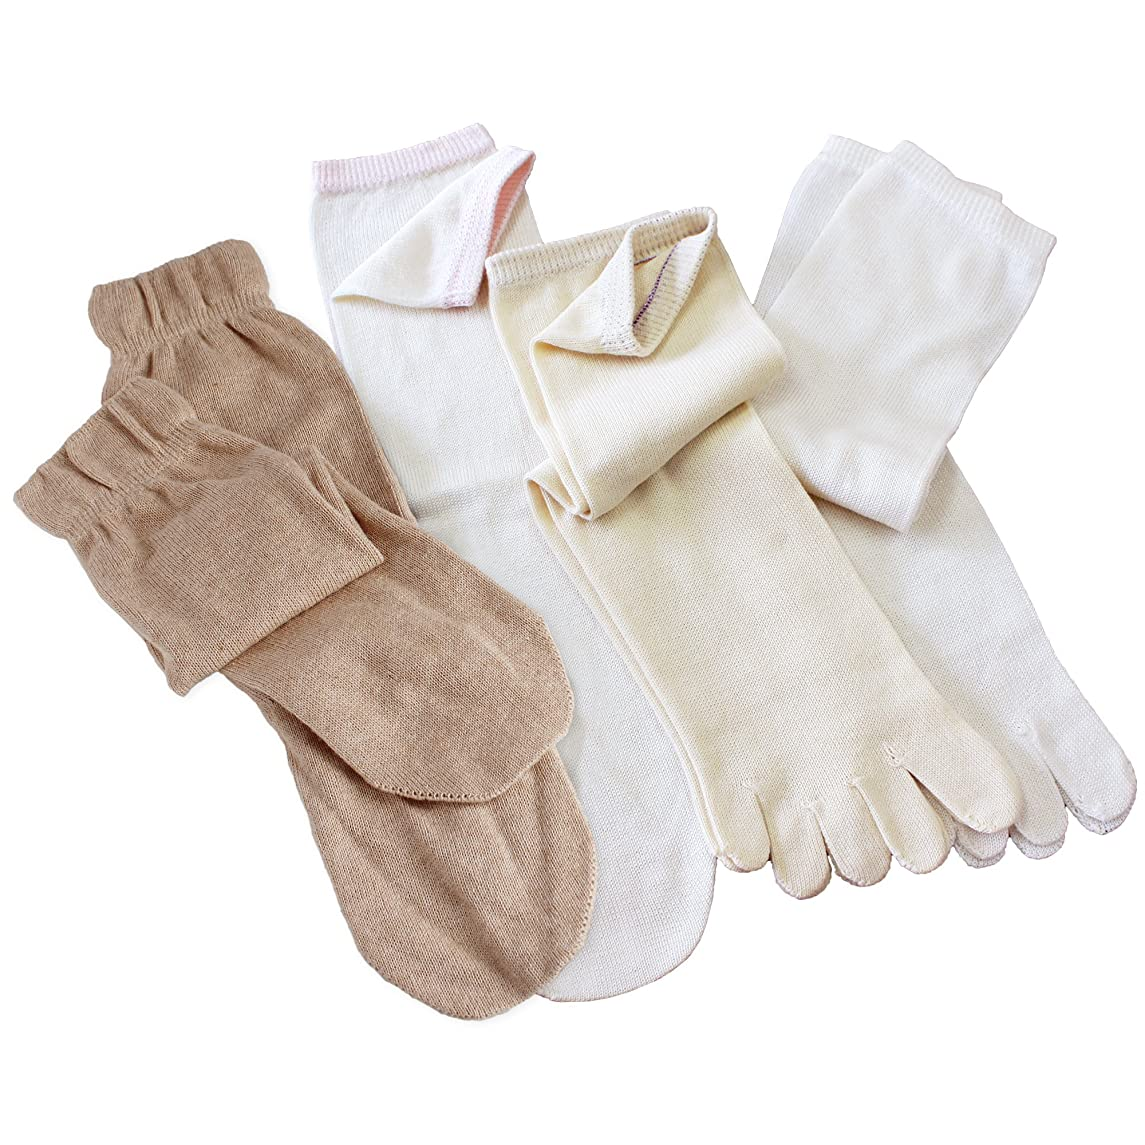 入手します嬉しいです断線hiorie(ヒオリエ) 日本製 冷えとり靴下 シルク&コットン 5本指ソックス(重ねばき専用 4足セット) 正絹 綿